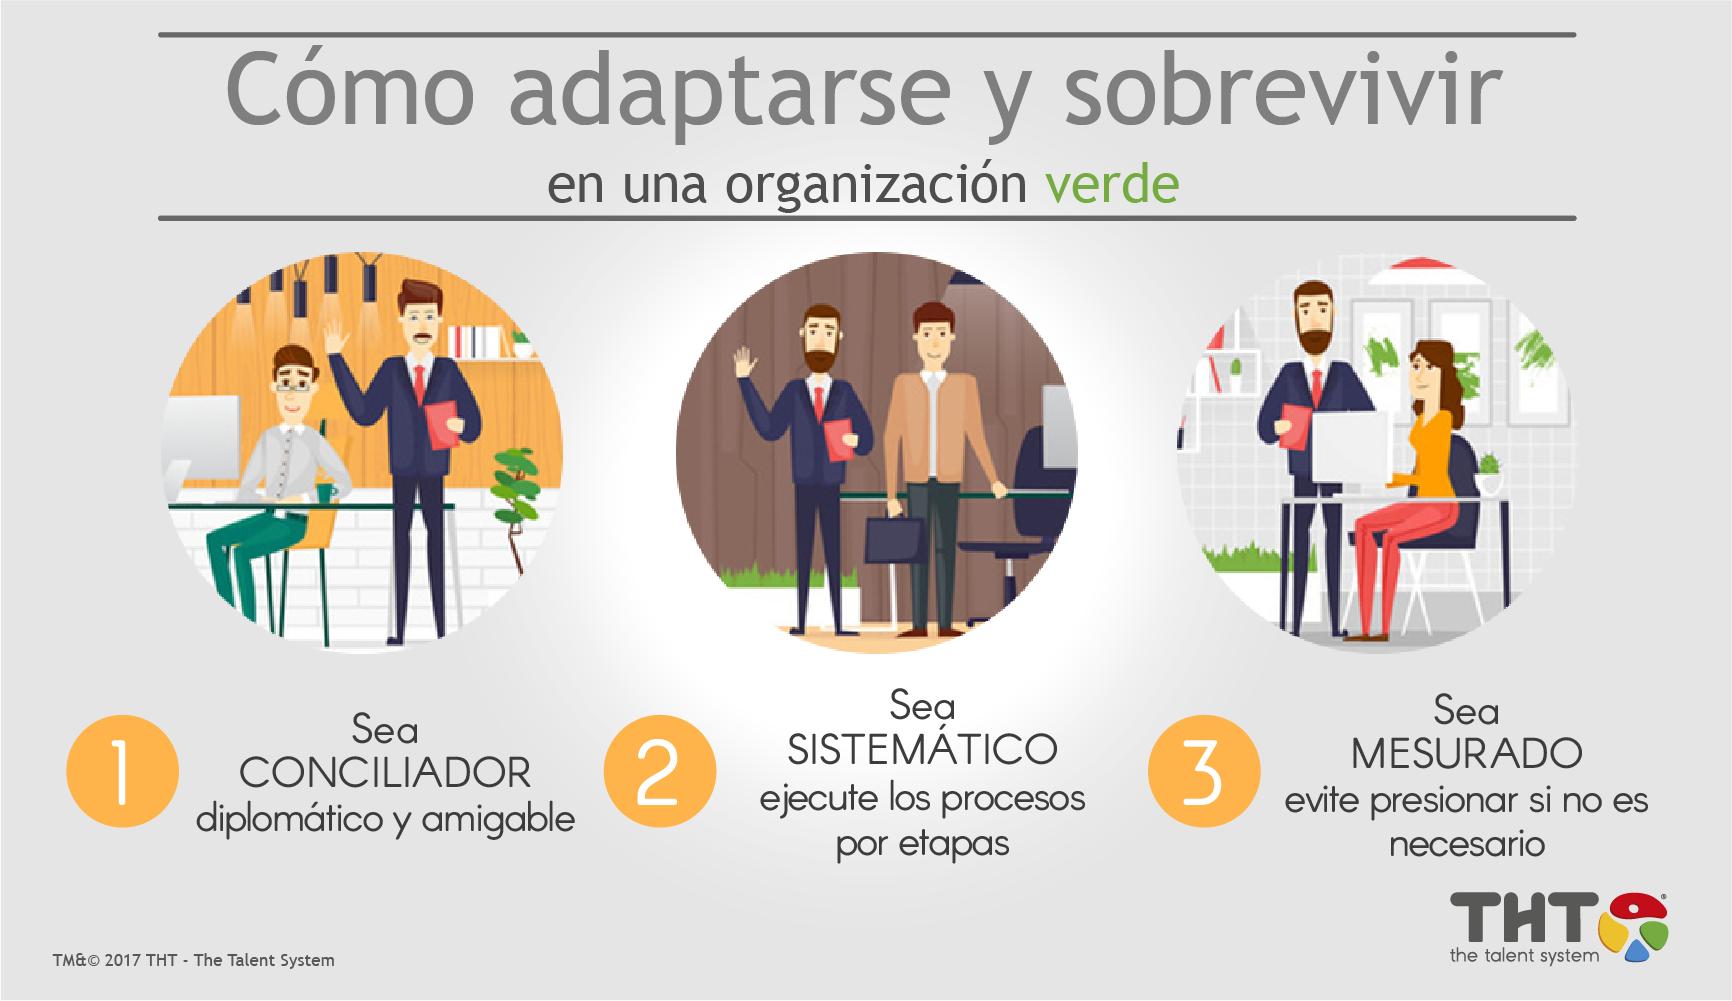 Como_adaptarse_y_sobrevivir_en_organizacion_verde_